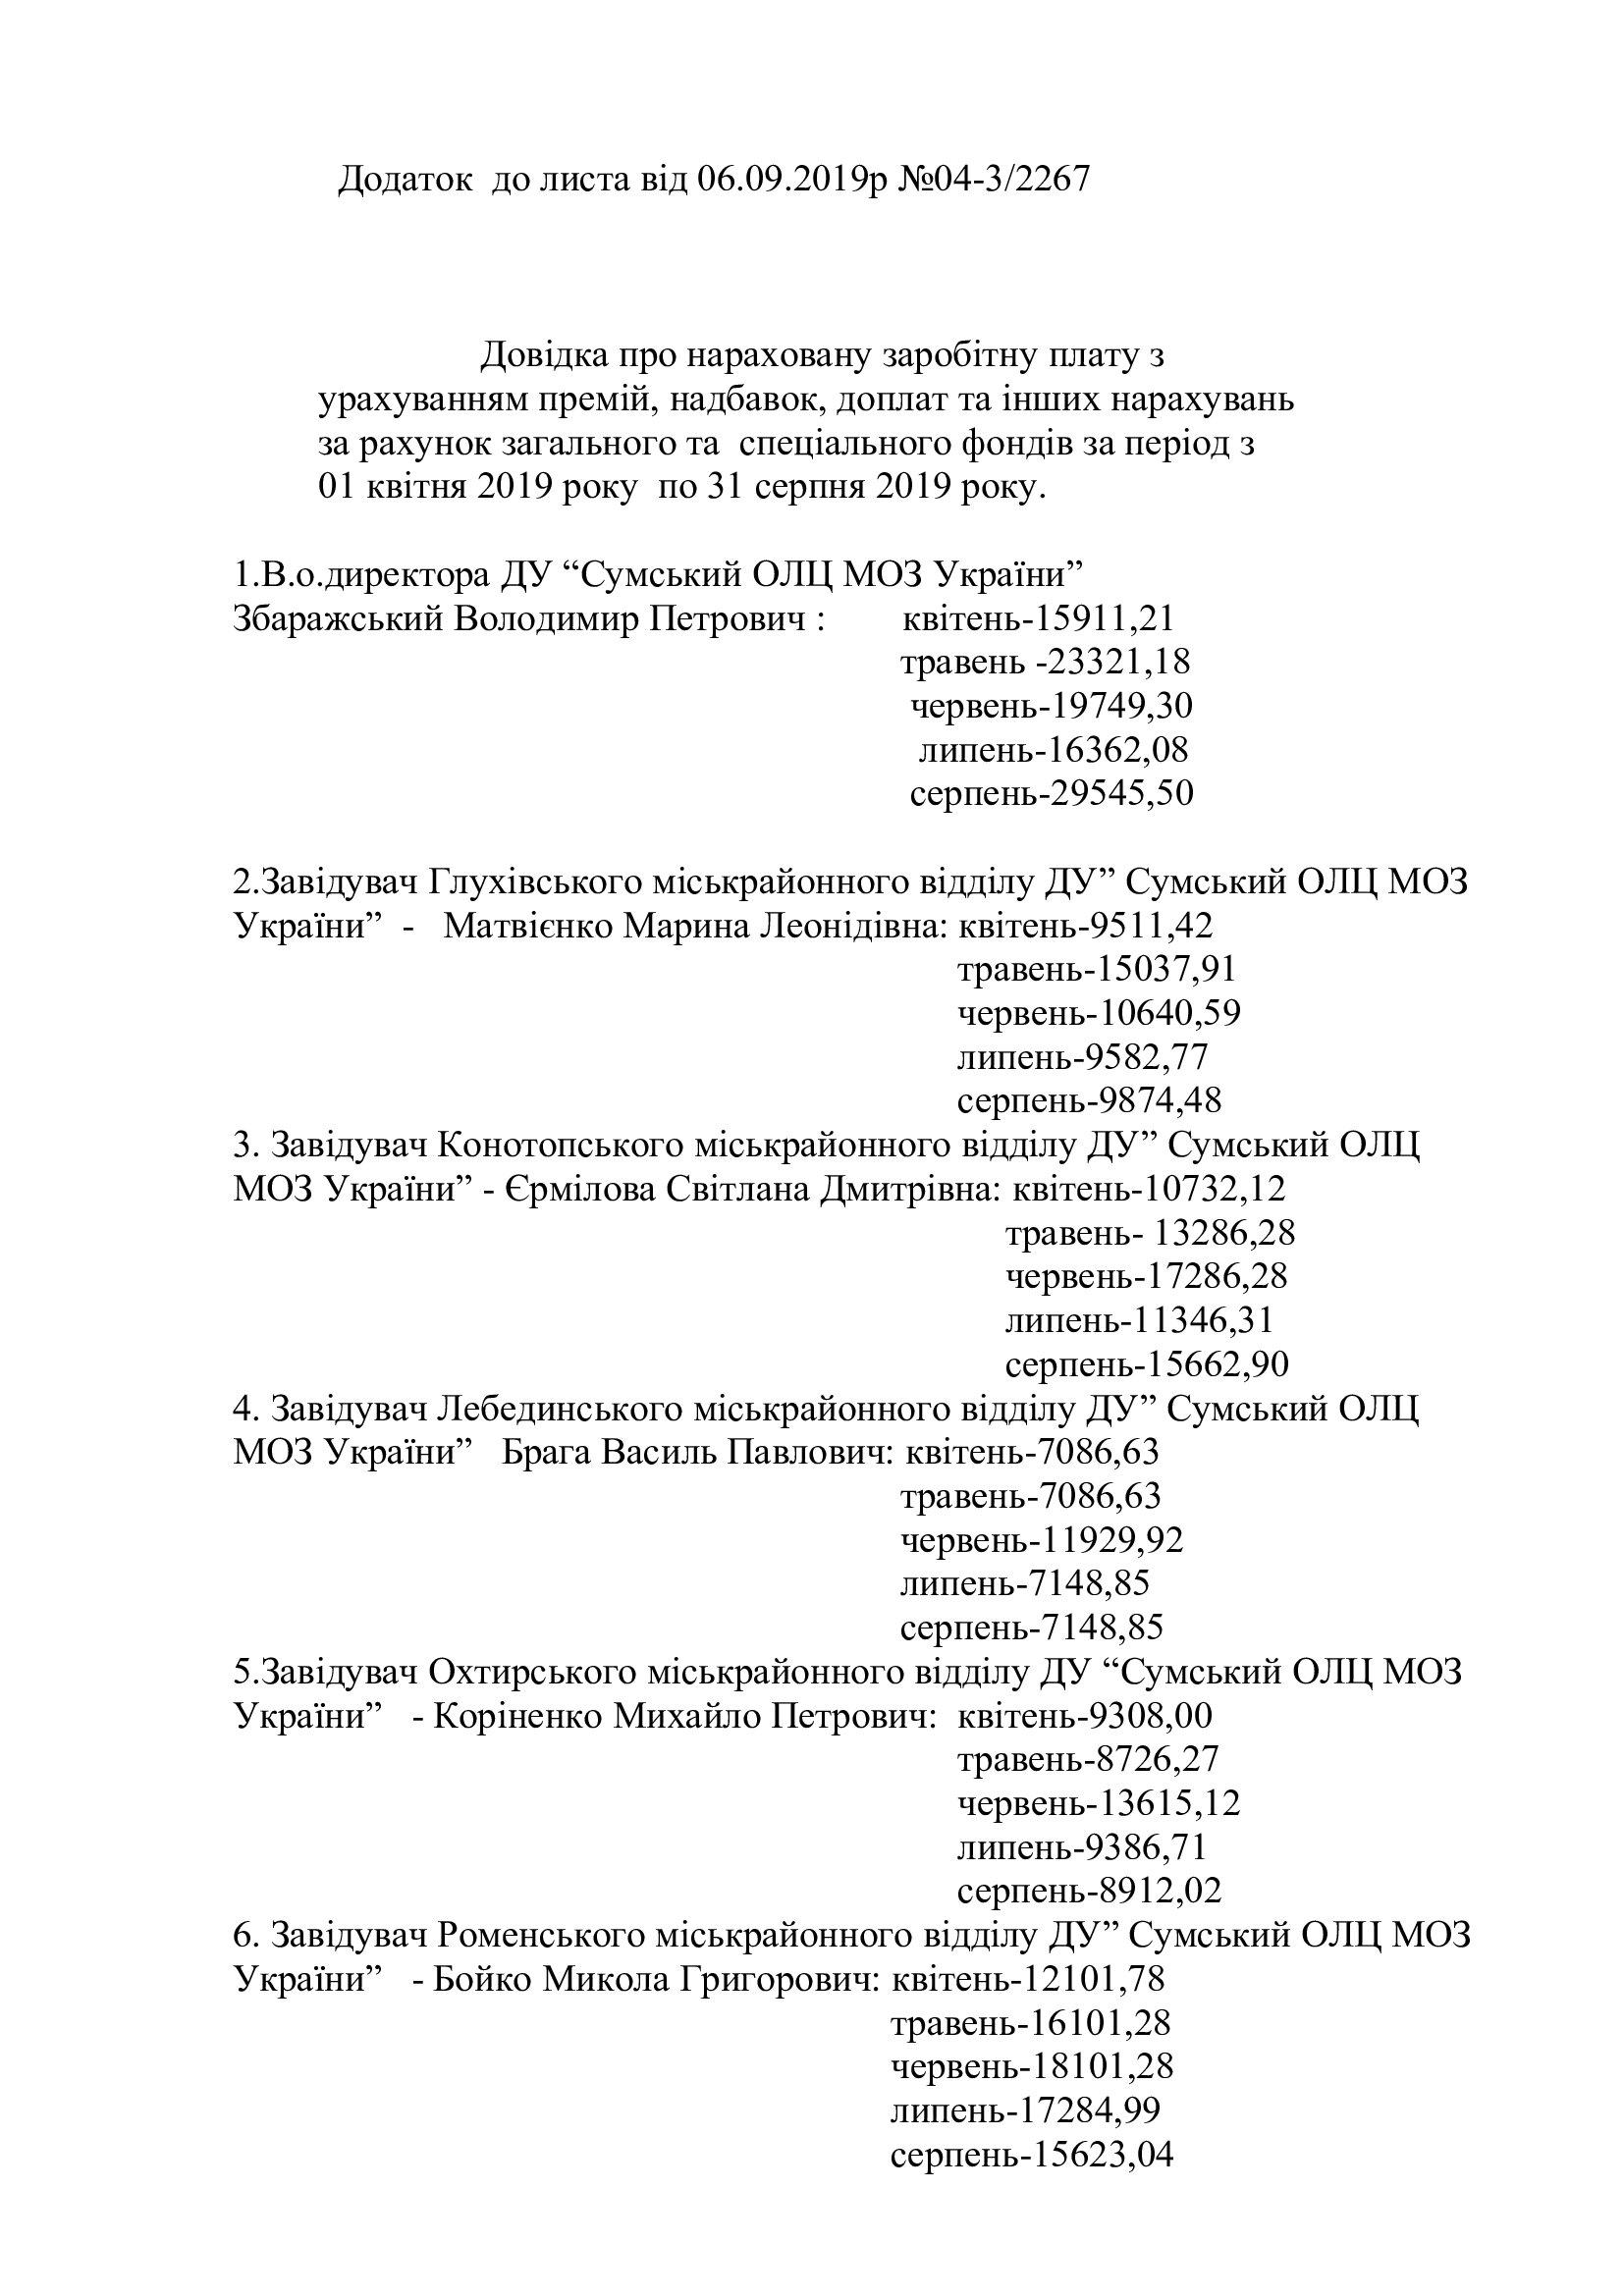 Додаток до листа журналісту_000